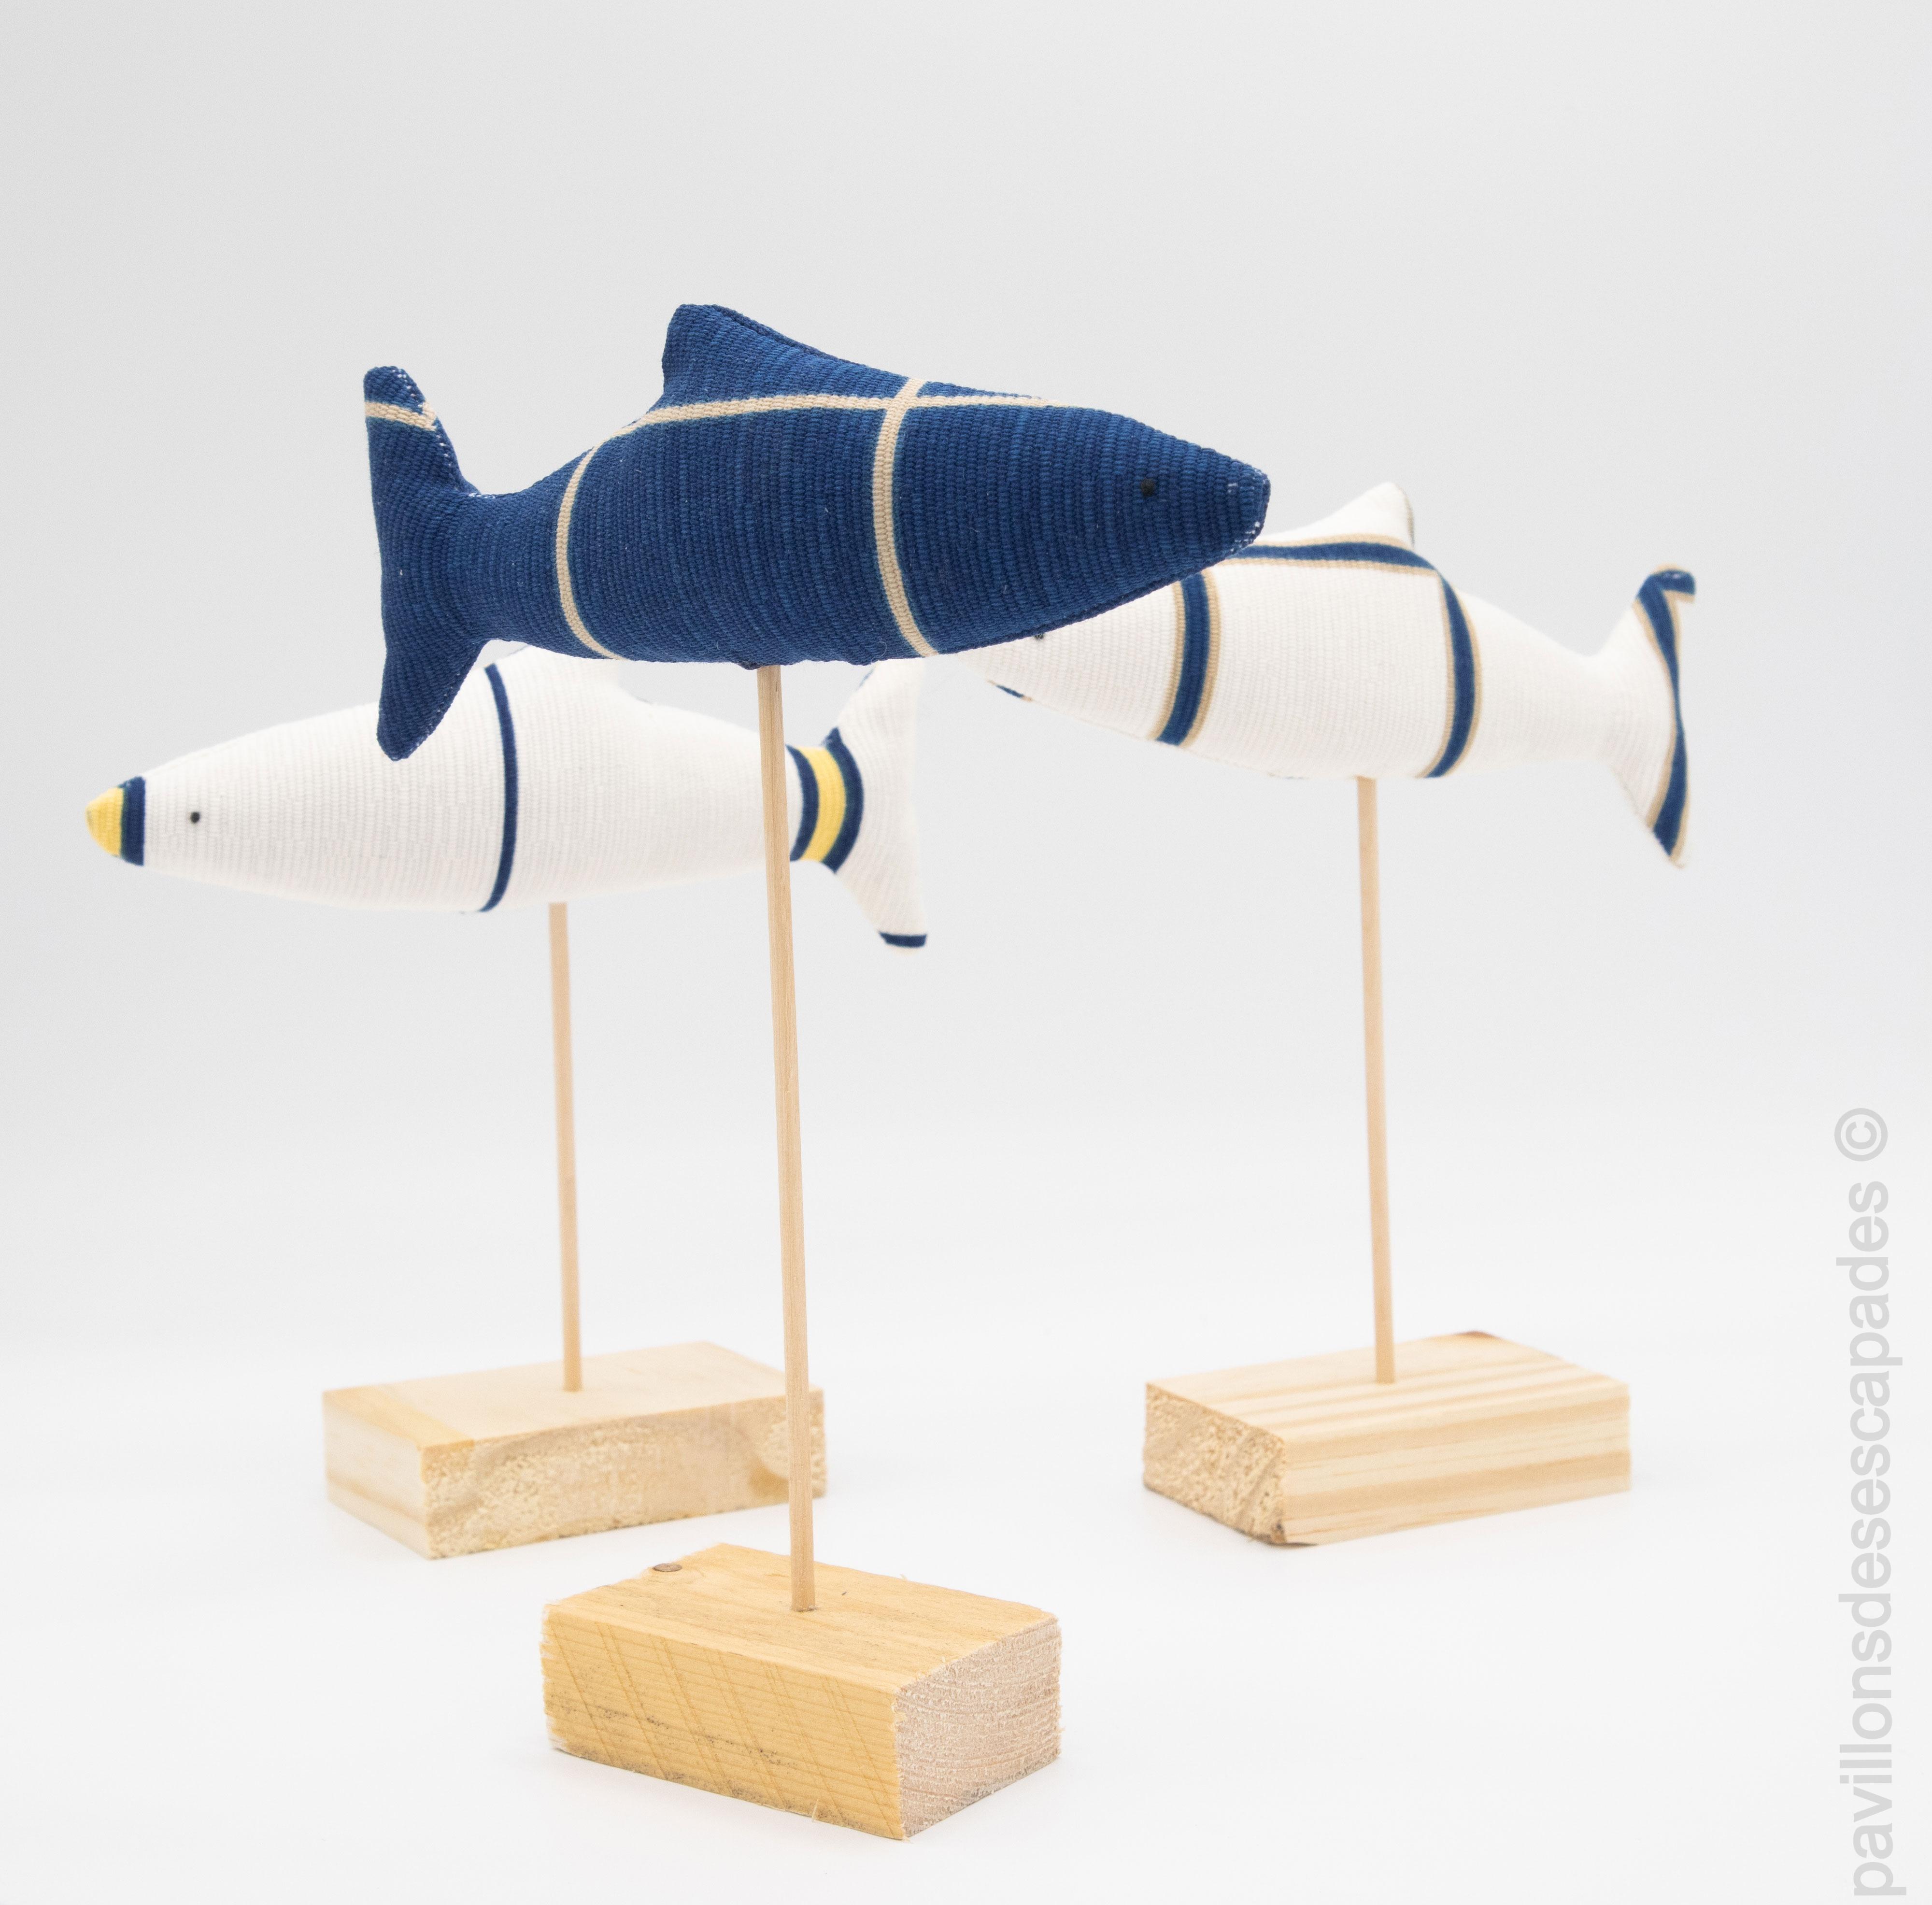 sardine-sur-pied-2web_edited